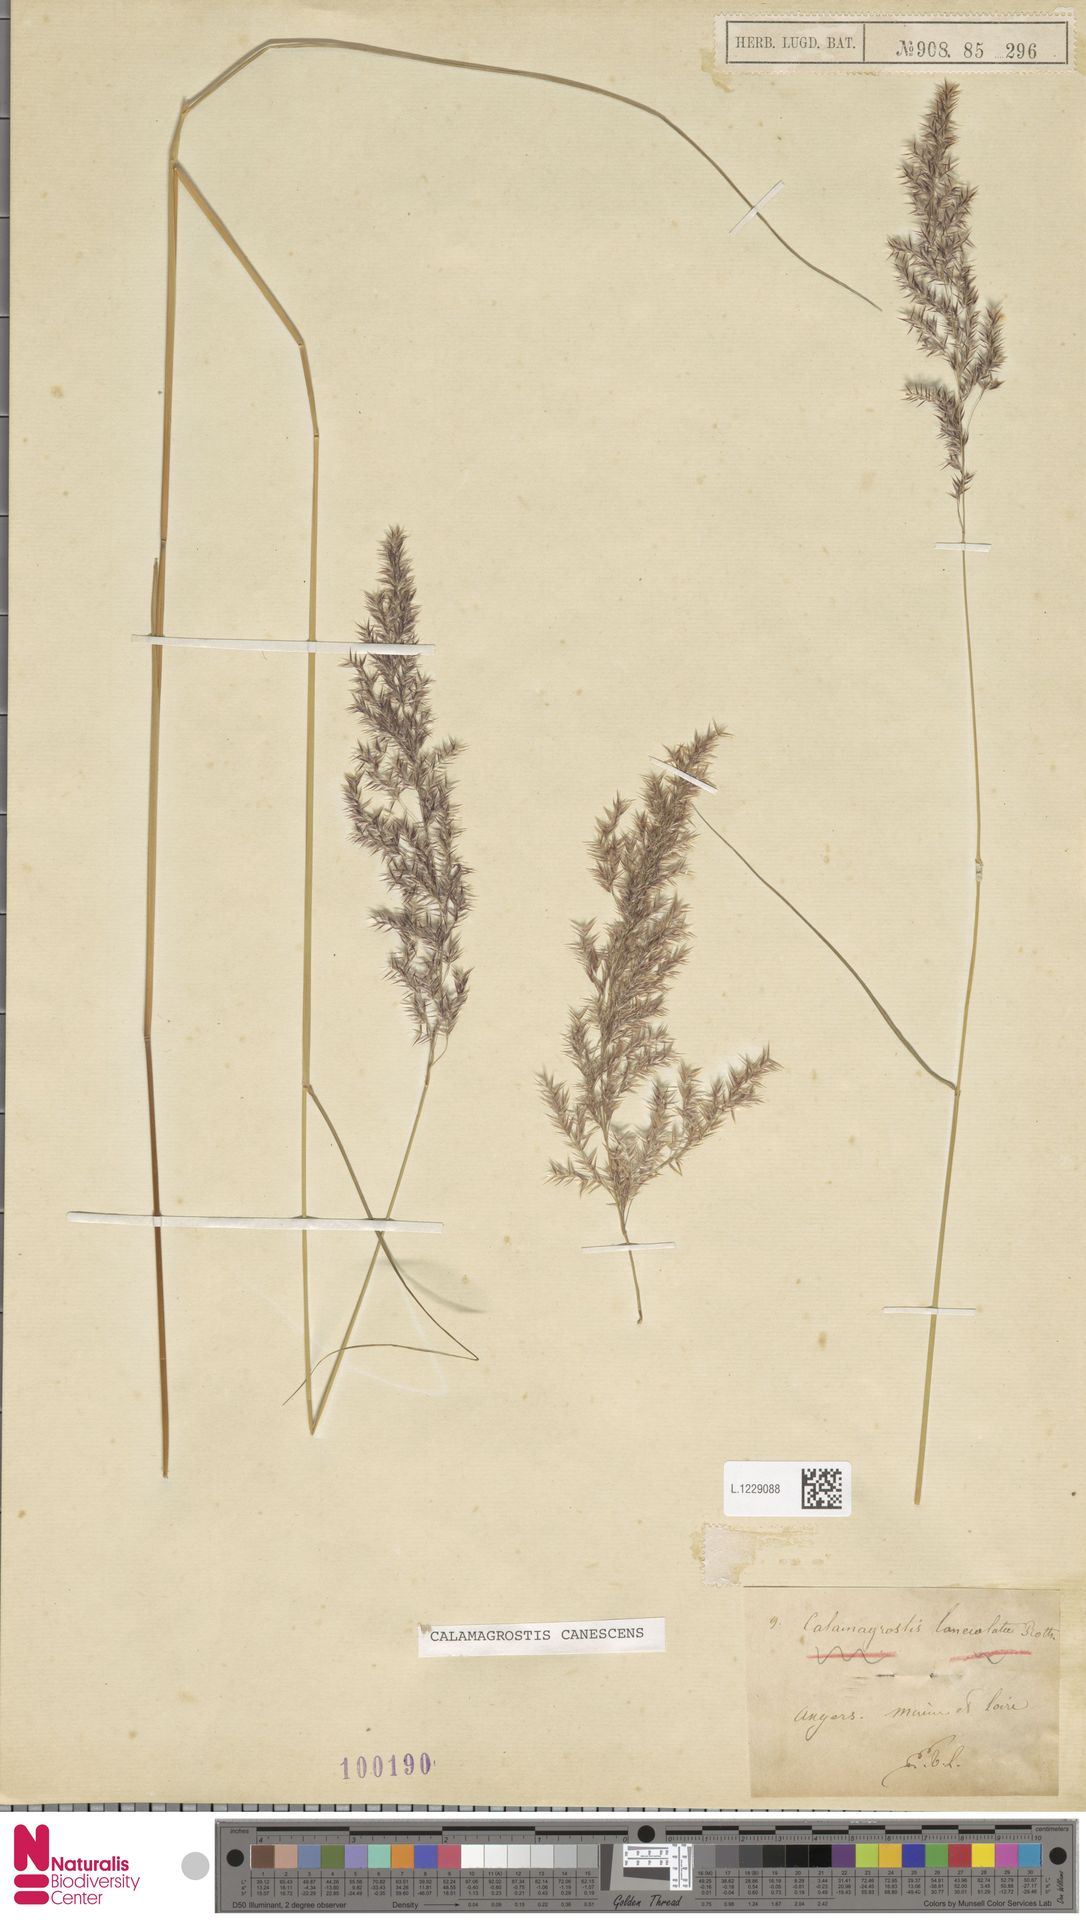 L.1229088 | Calamagrostis canescens (Weber) Roth